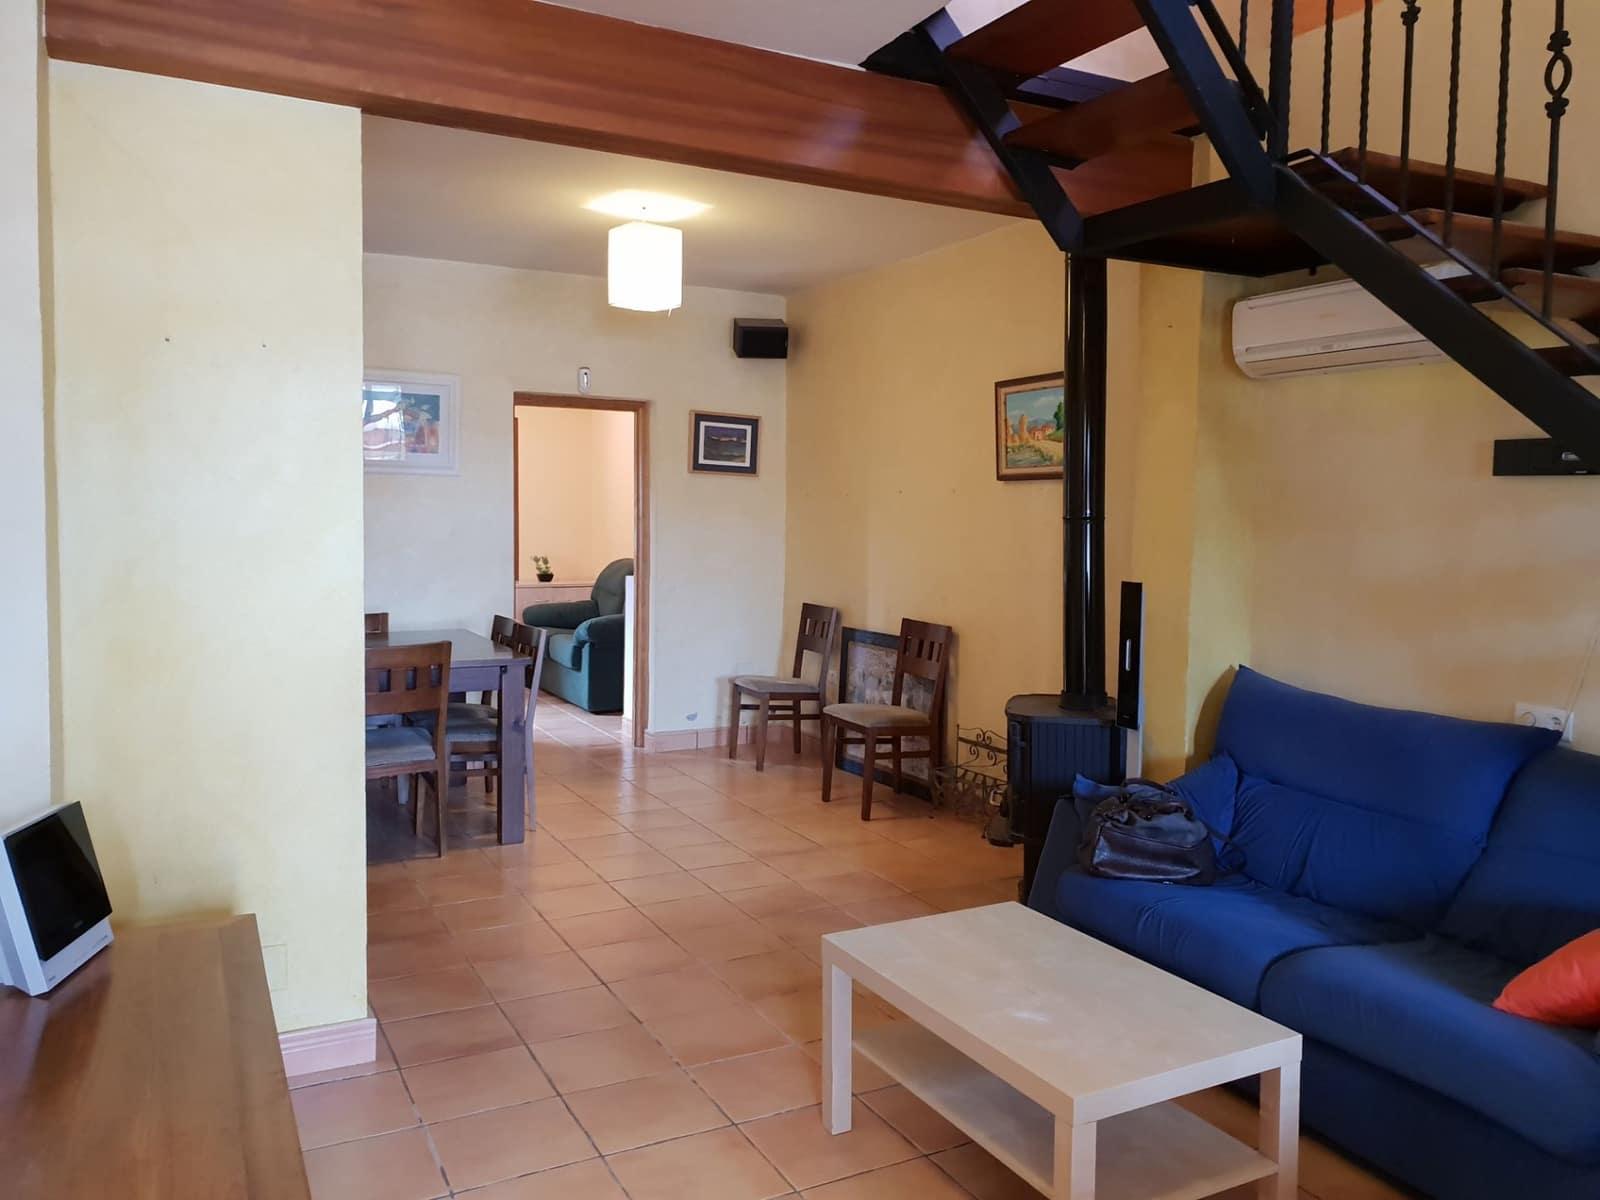 4 bedroom Villa for sale in Algorfa - € 189,000 (Ref: 4546094)